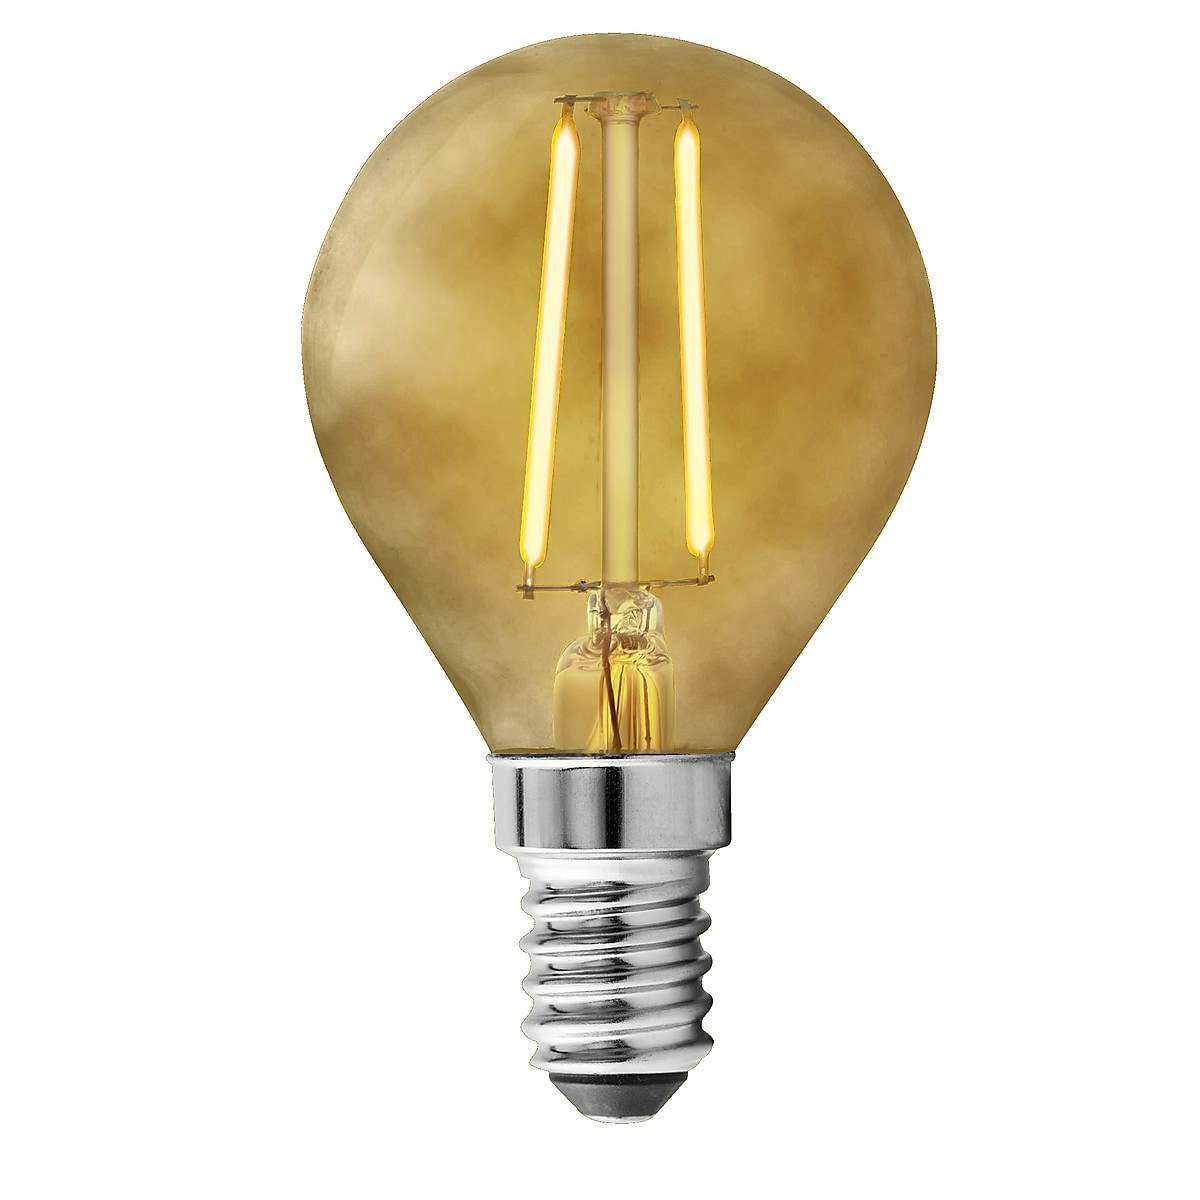 Northlight E14 Globe LED Filament Bulb